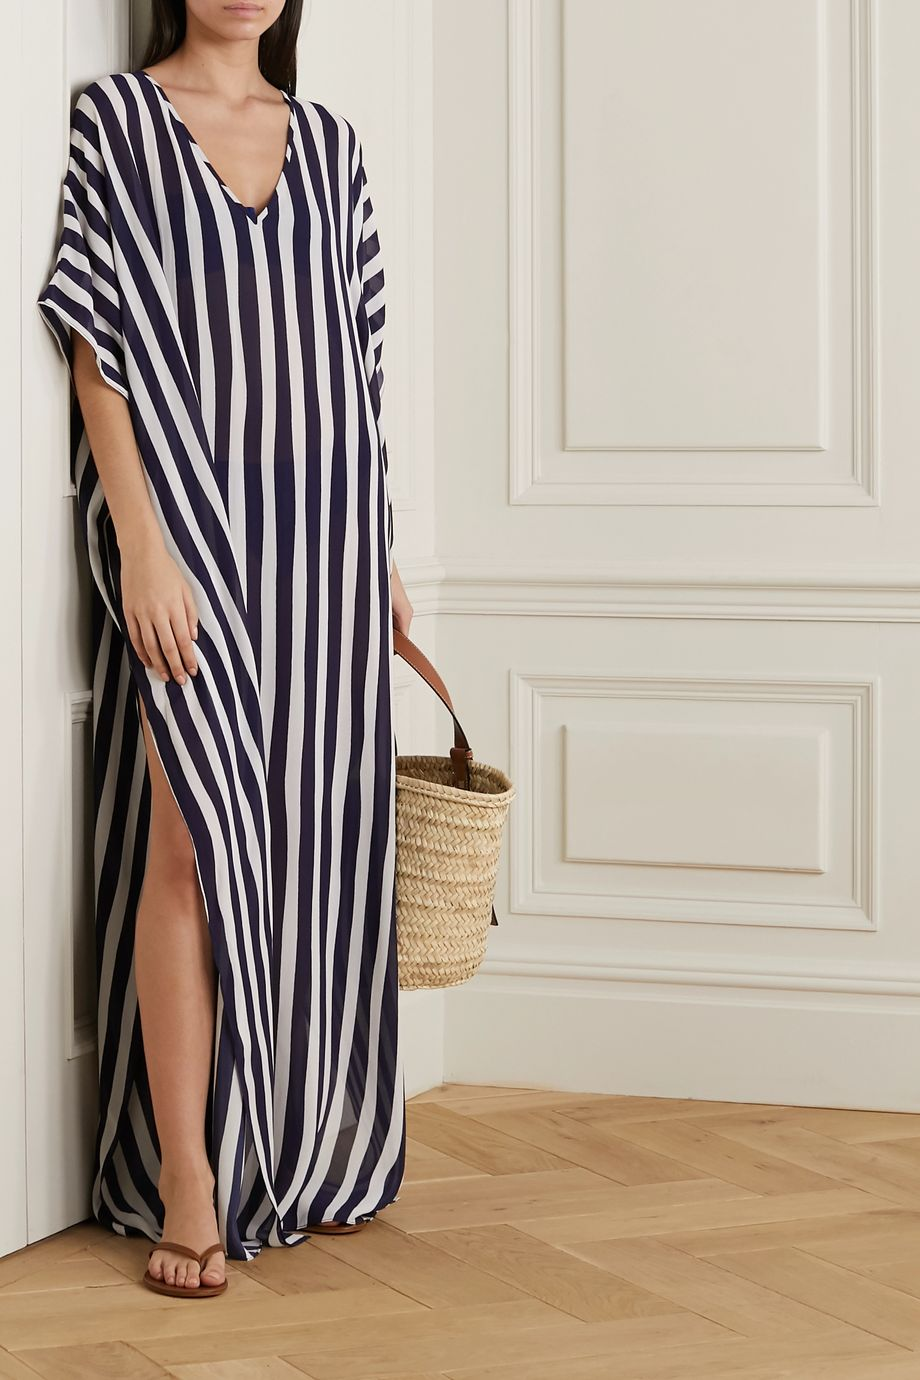 Odyssee Beau draped striped chiffon kaftan